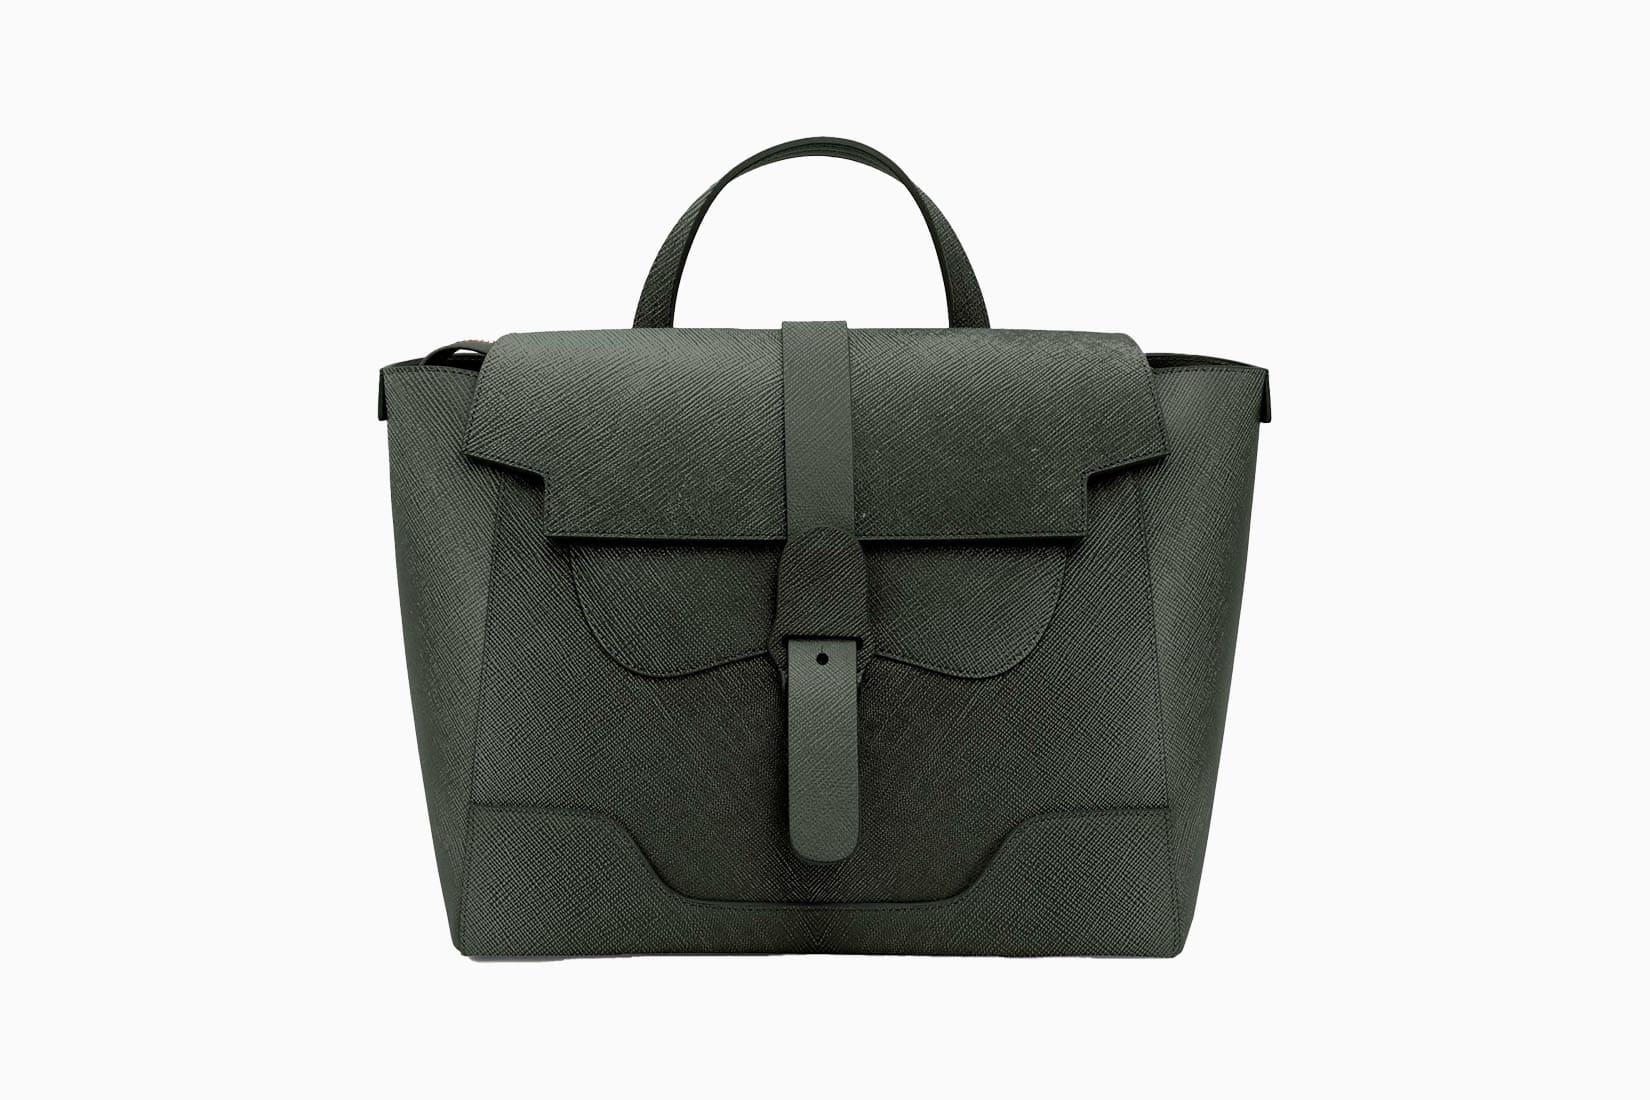 best backpacks women senreve maestra review Luxe Digital